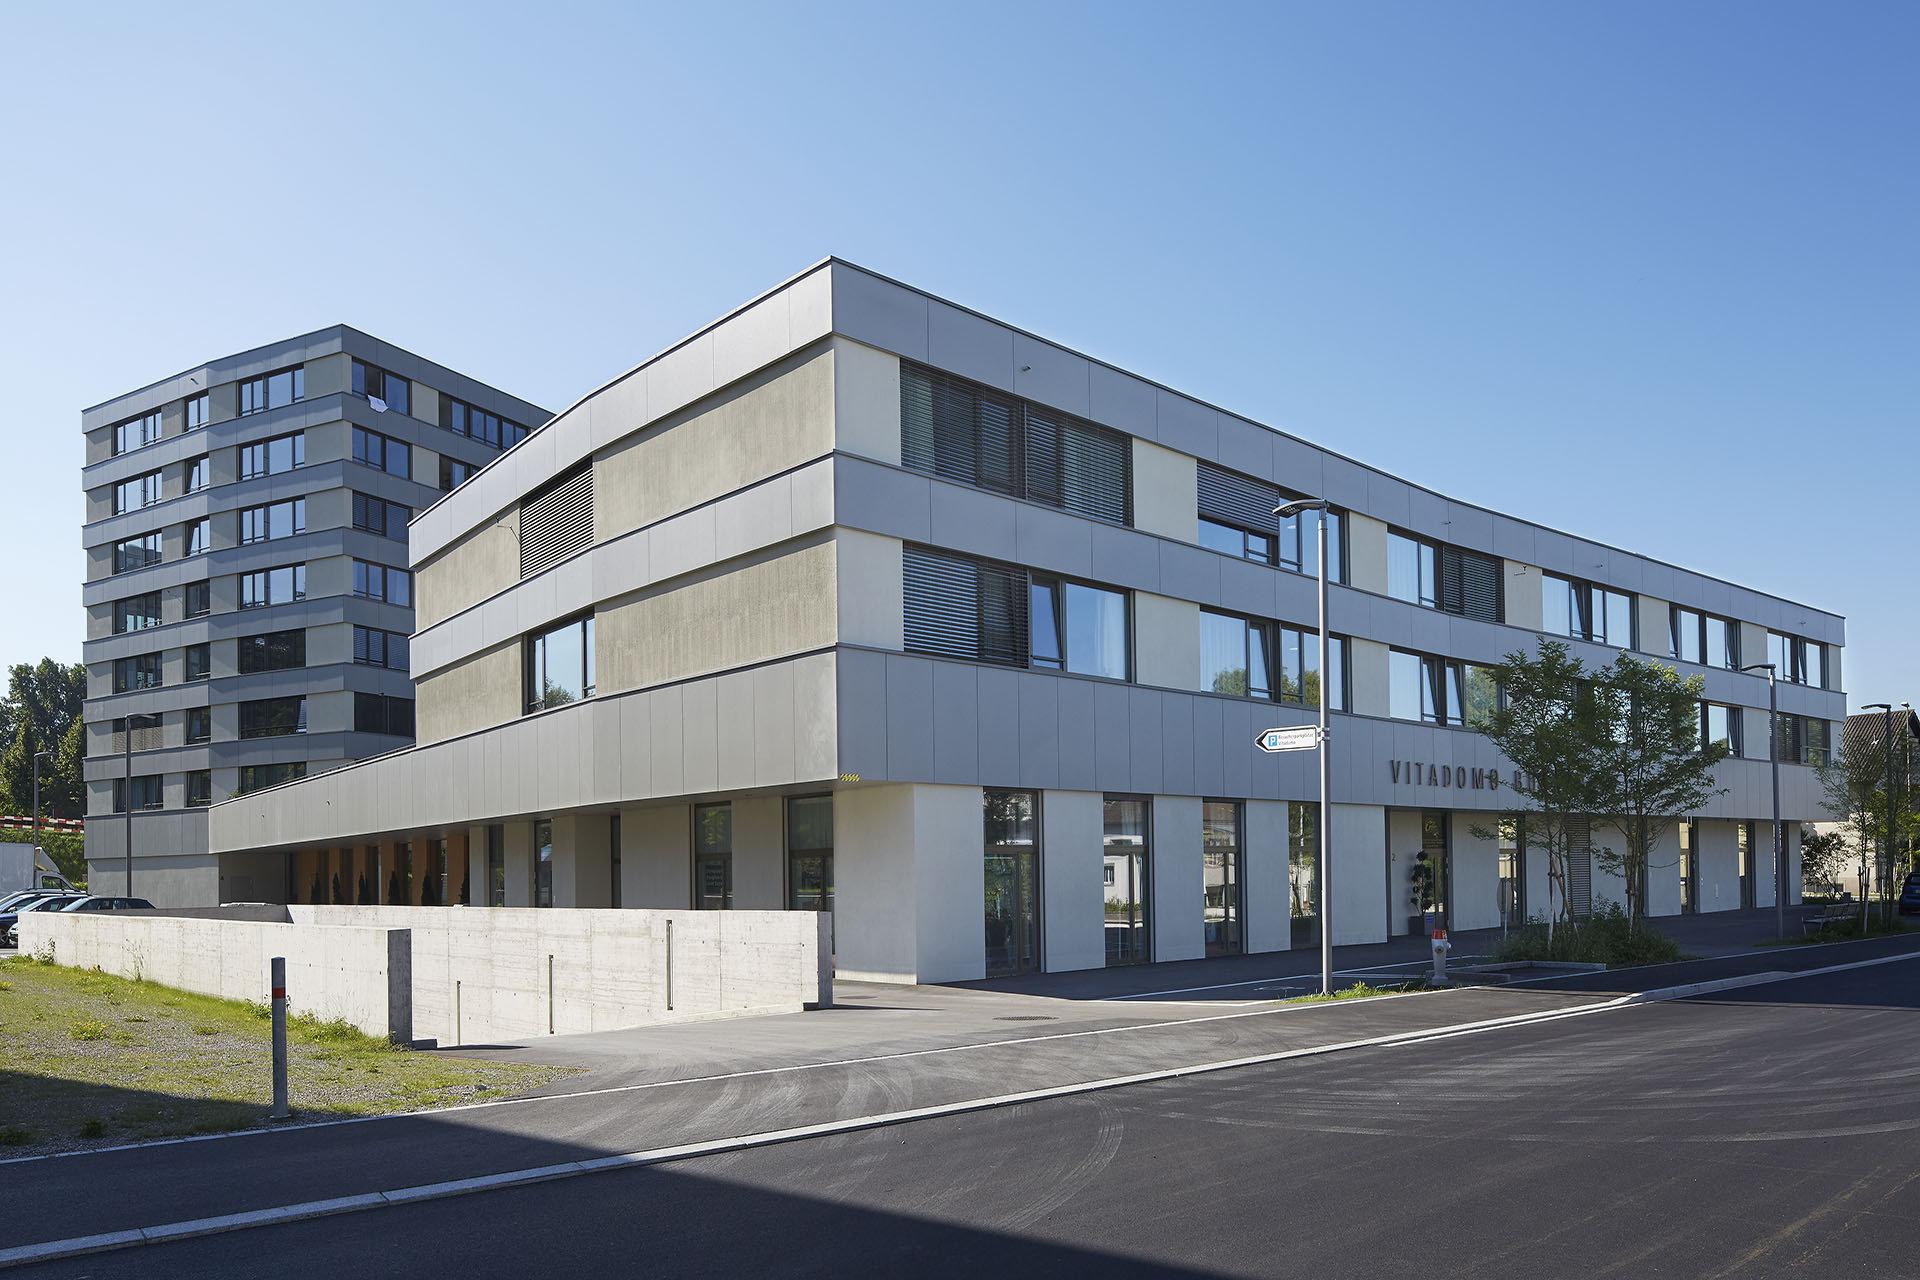 viereckiges mehrstöckiges Gebäude mit grosszügiger Fassade